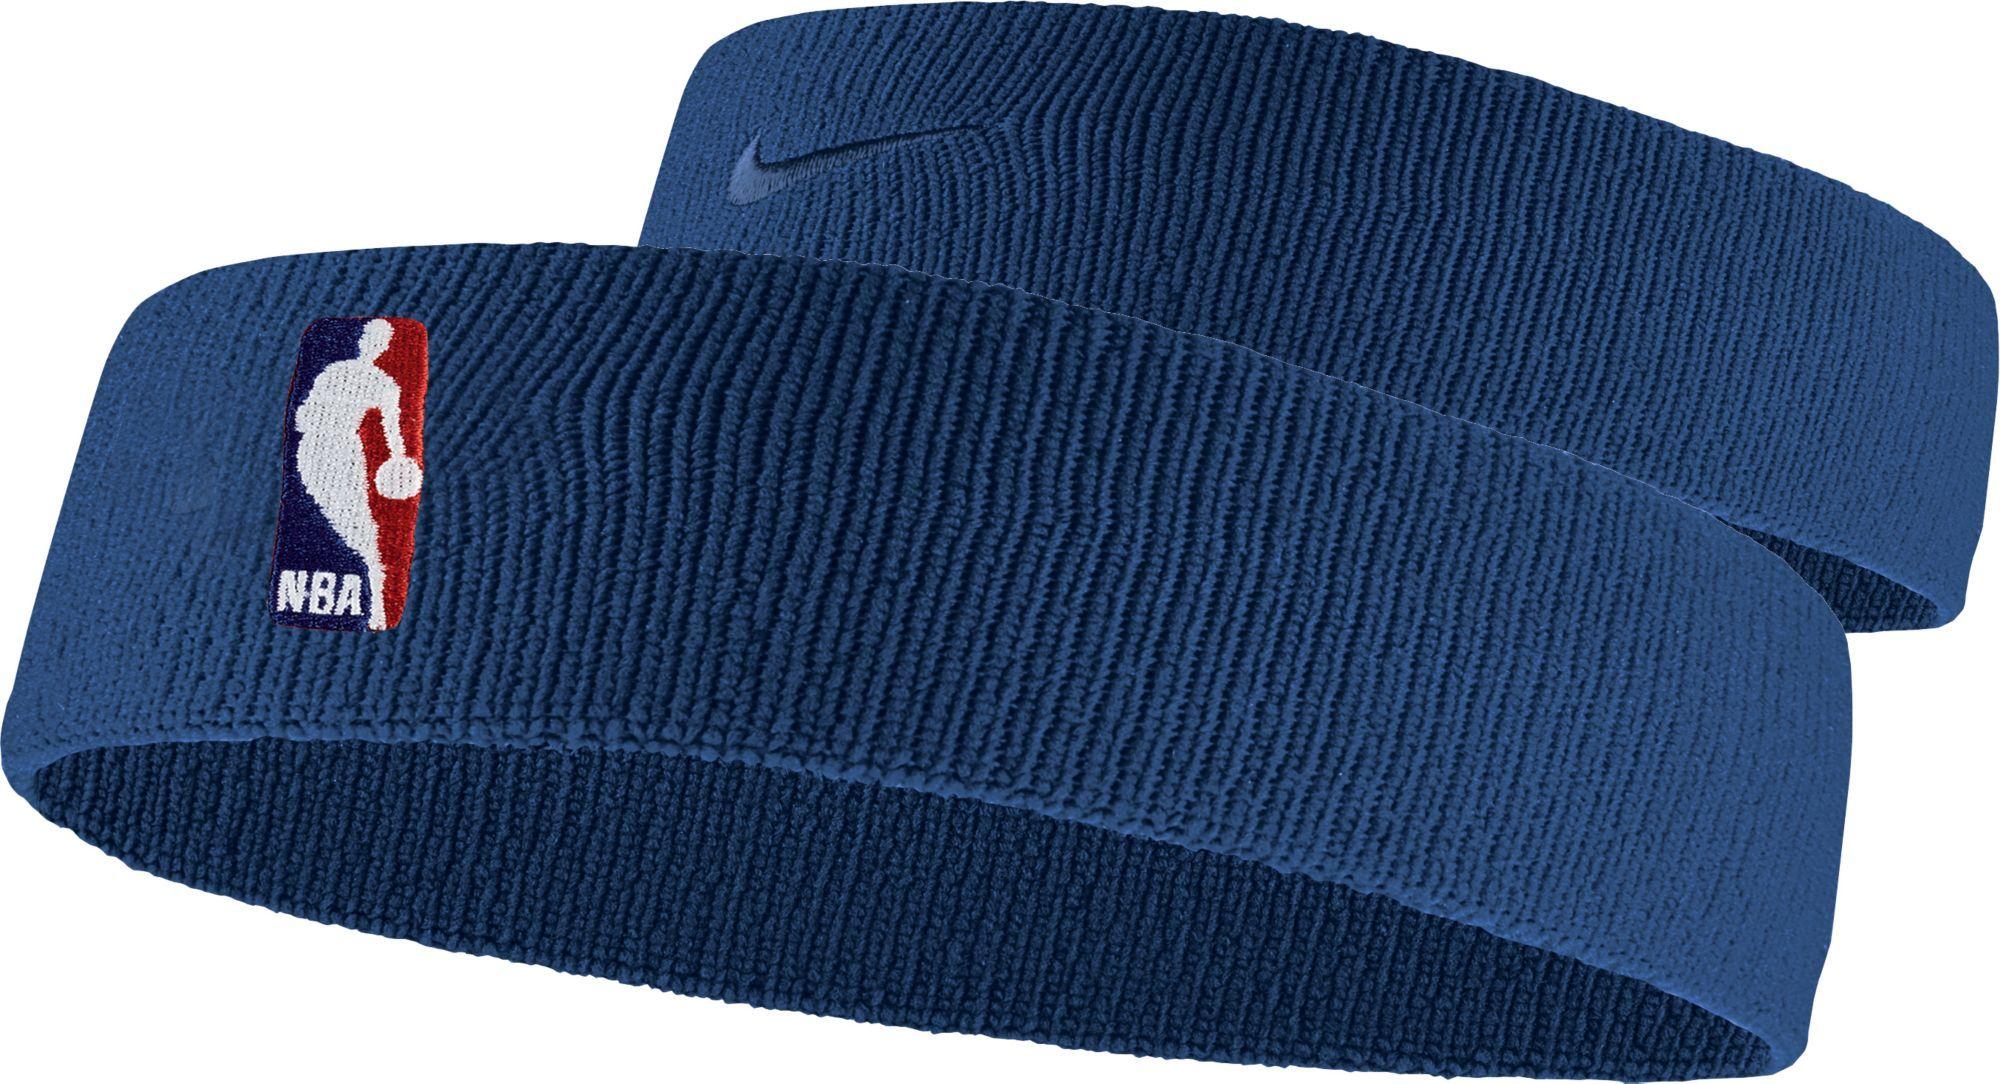 Verge Elite Unisex Headband Blue Elastic Brand New